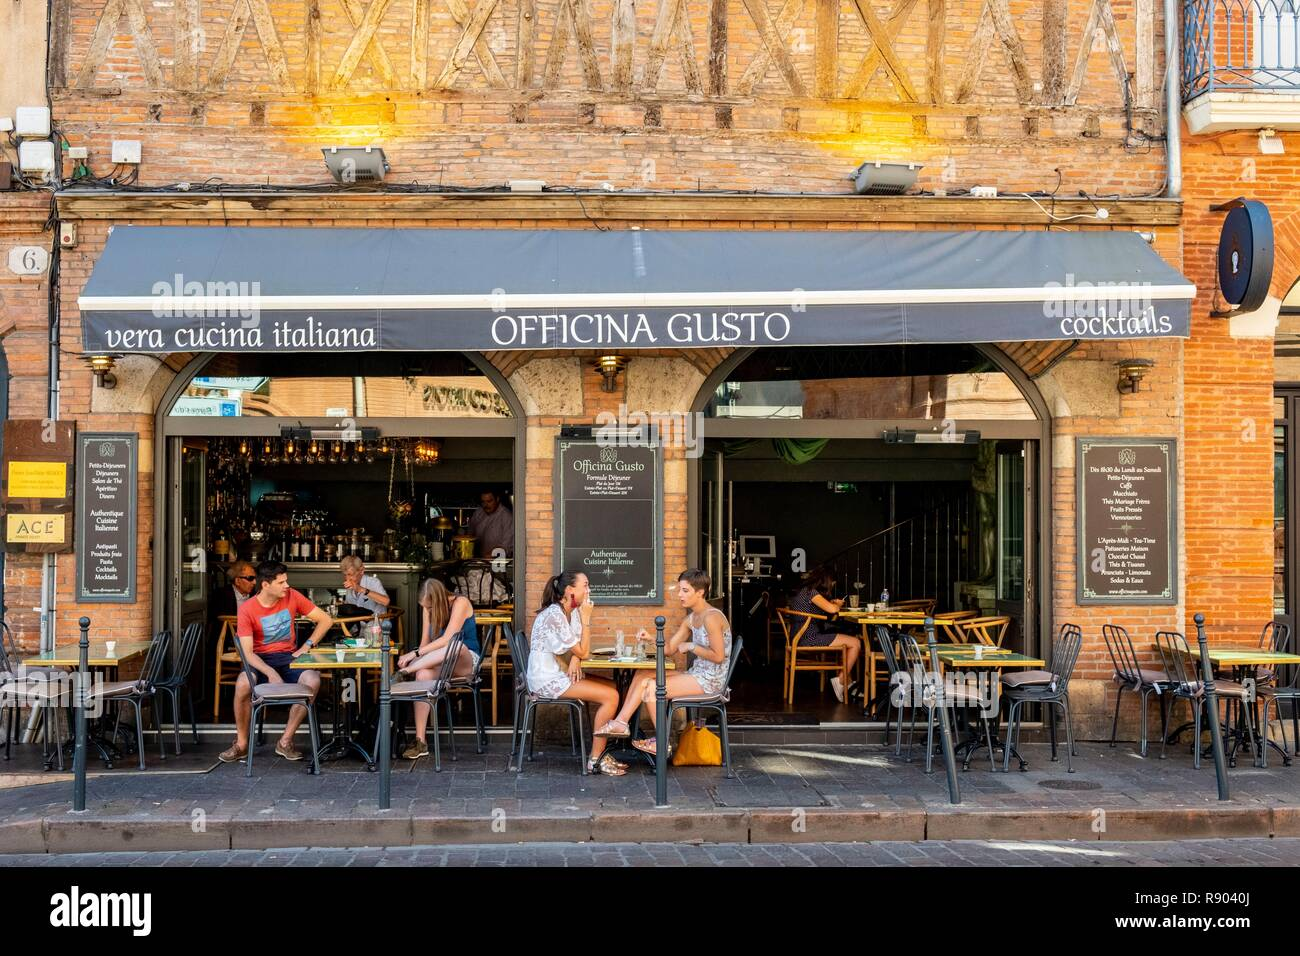 Francia, Haute Garonne, Toulouse, ristorante italiano Officina di gusto Immagini Stock